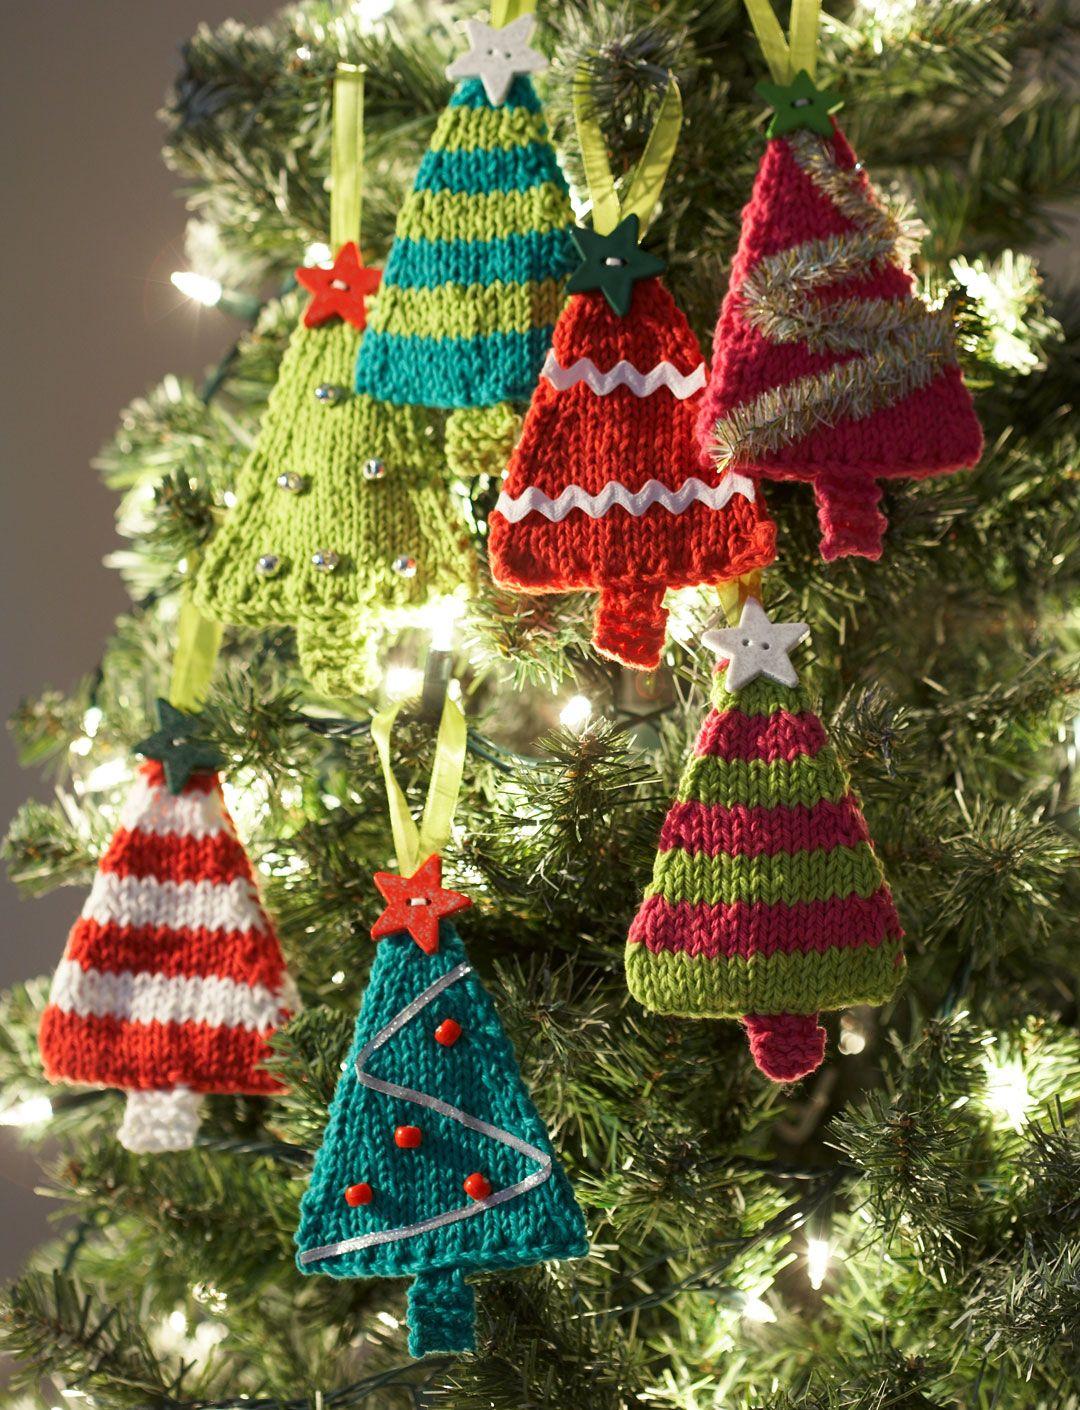 Christmas Decorations Knitting Patterns | Knitting patterns, Yarns ...